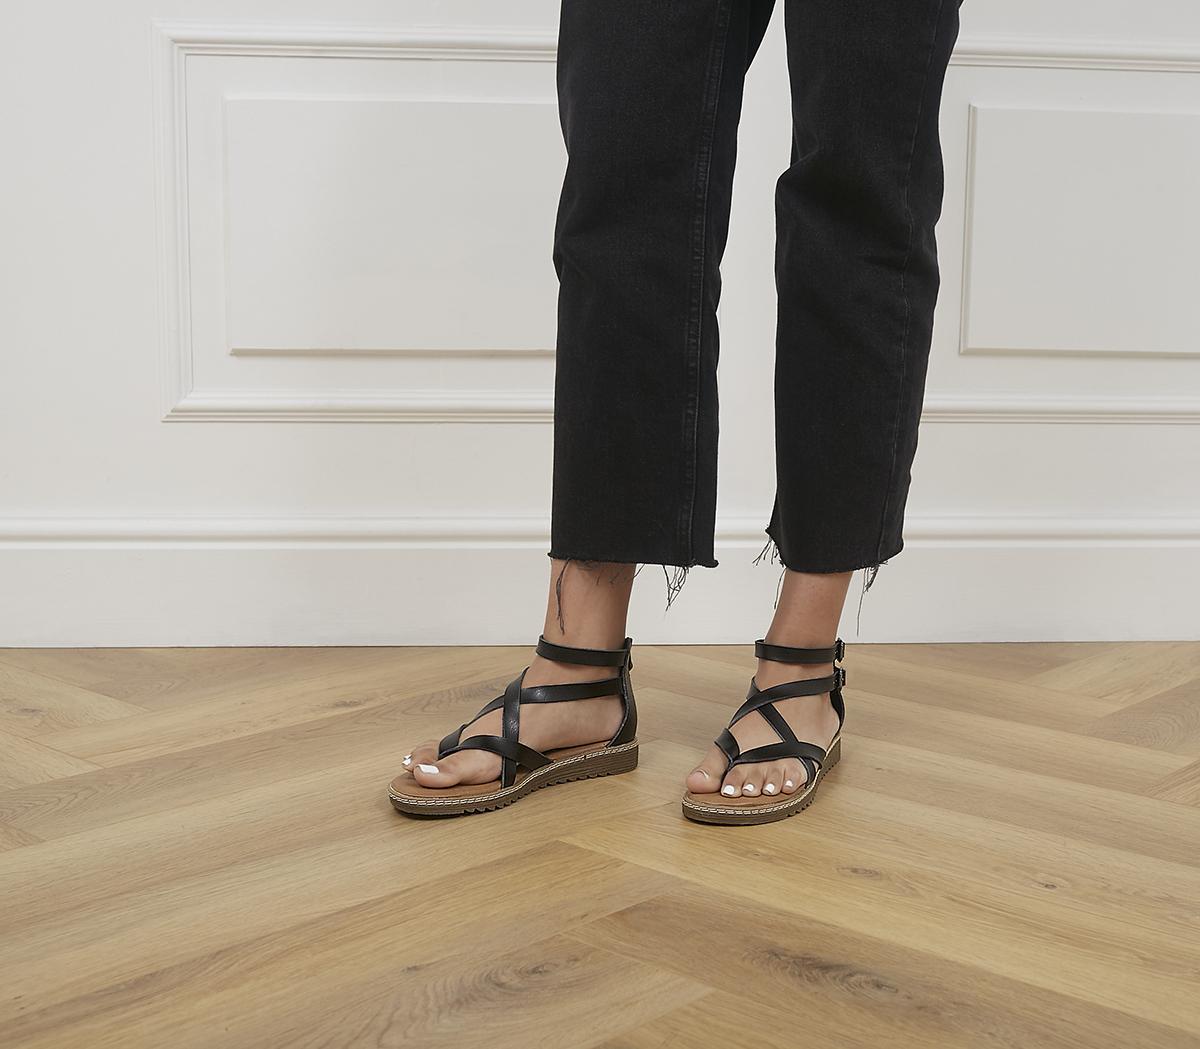 Ohio Sandals